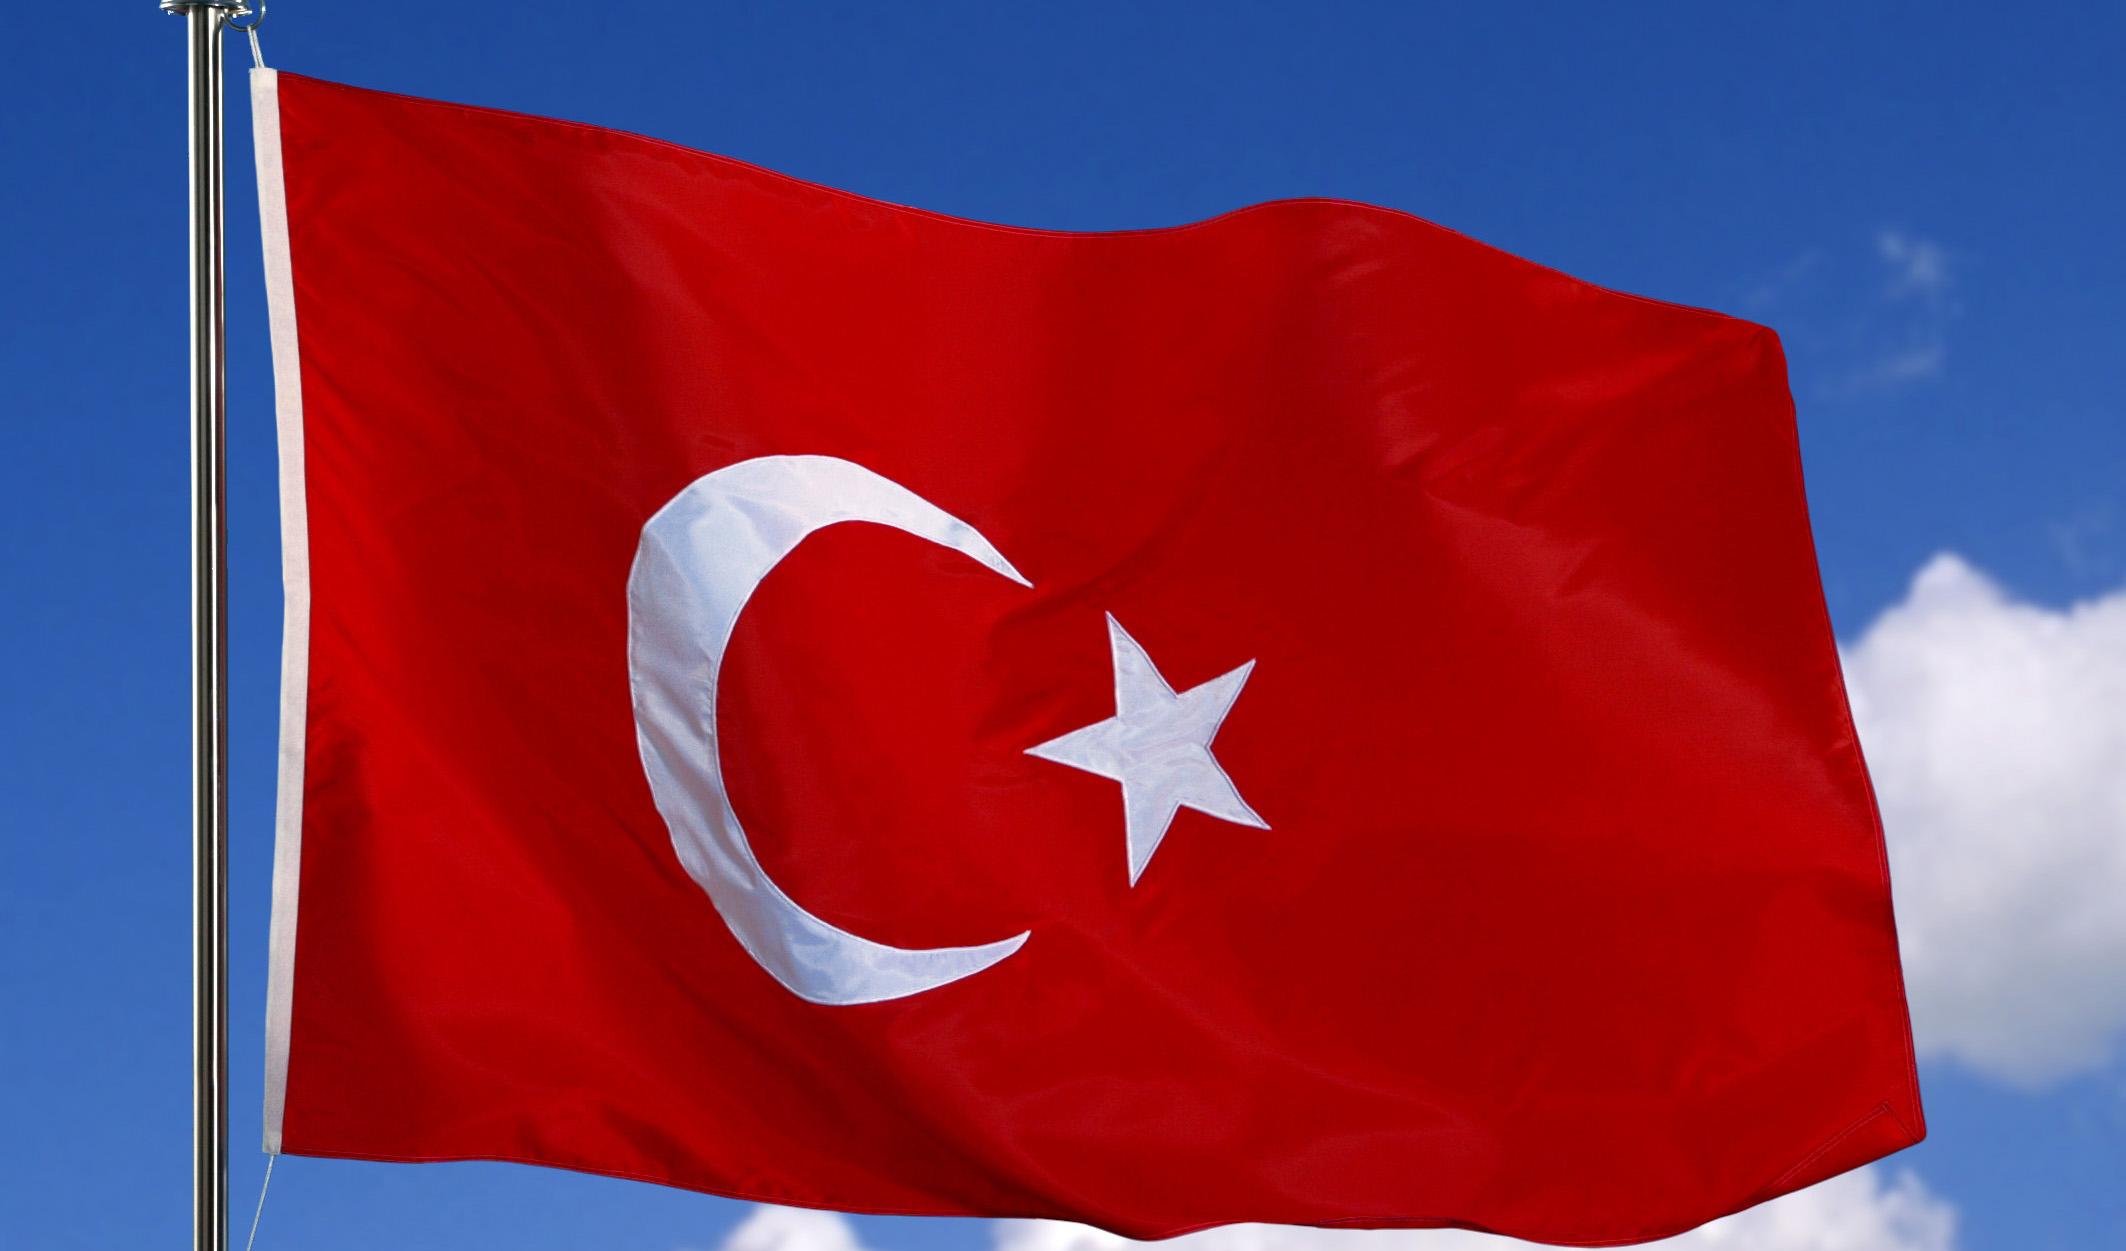 اوج گیری تورم در ترکیه